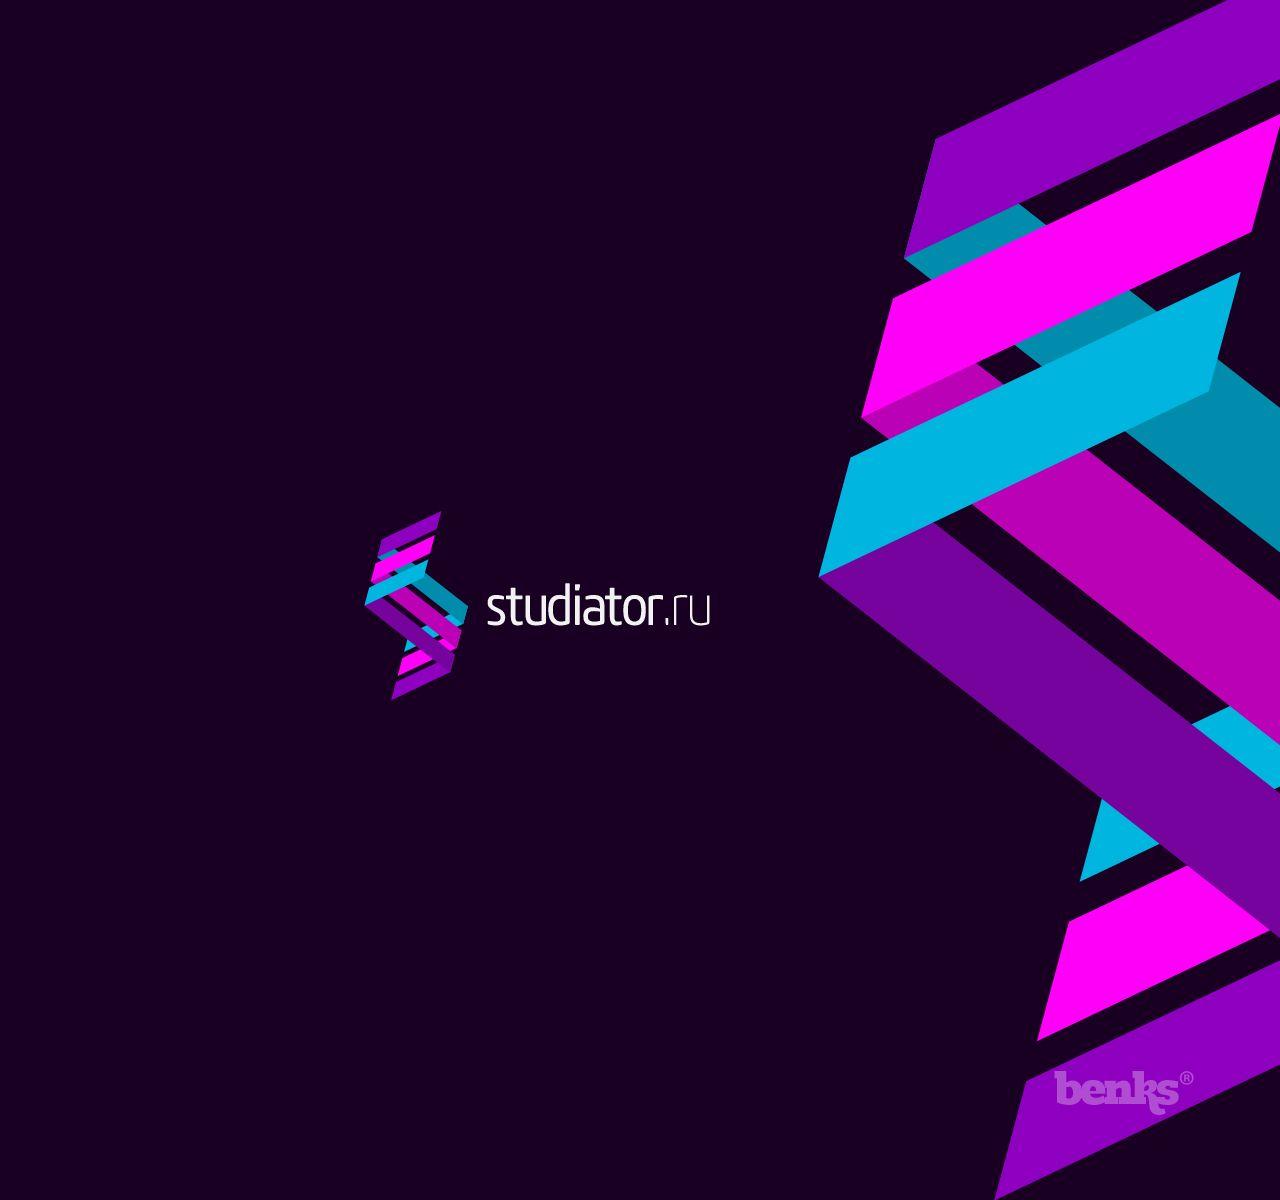 Логотип для каталога студий Веб-дизайна - дизайнер benks